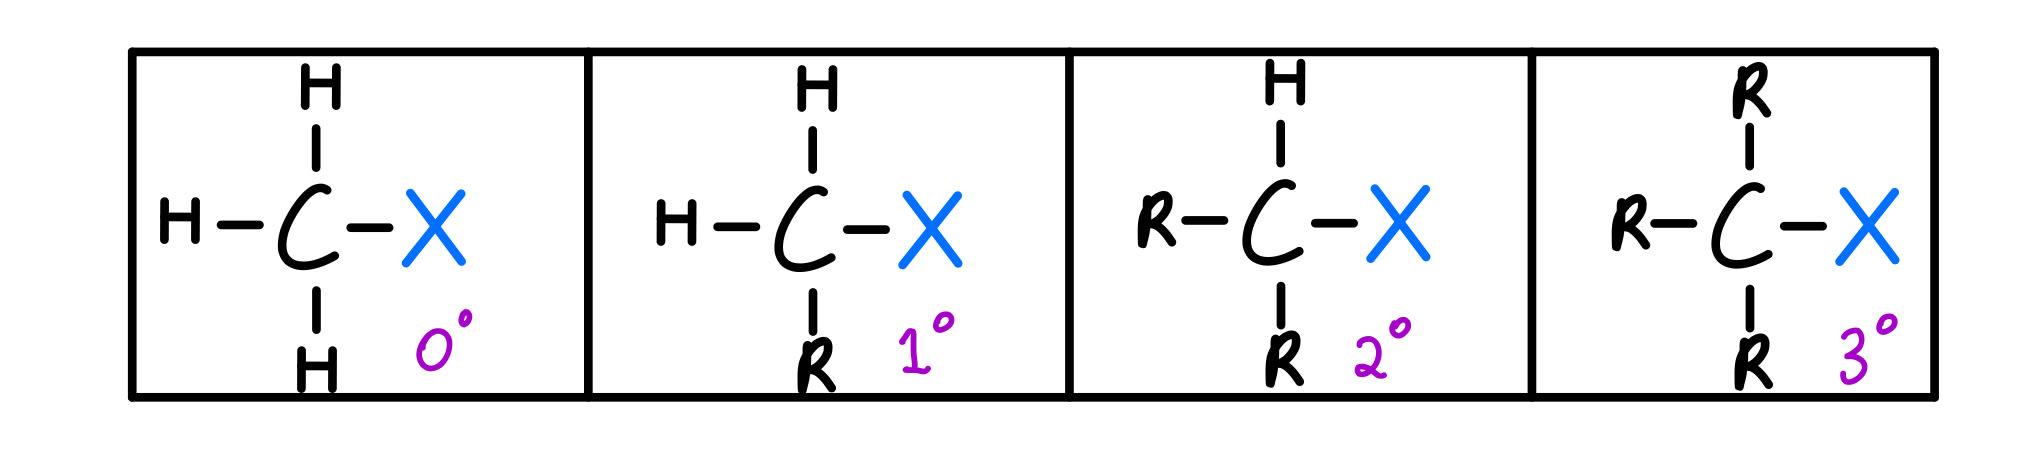 Alkyl halide degrees